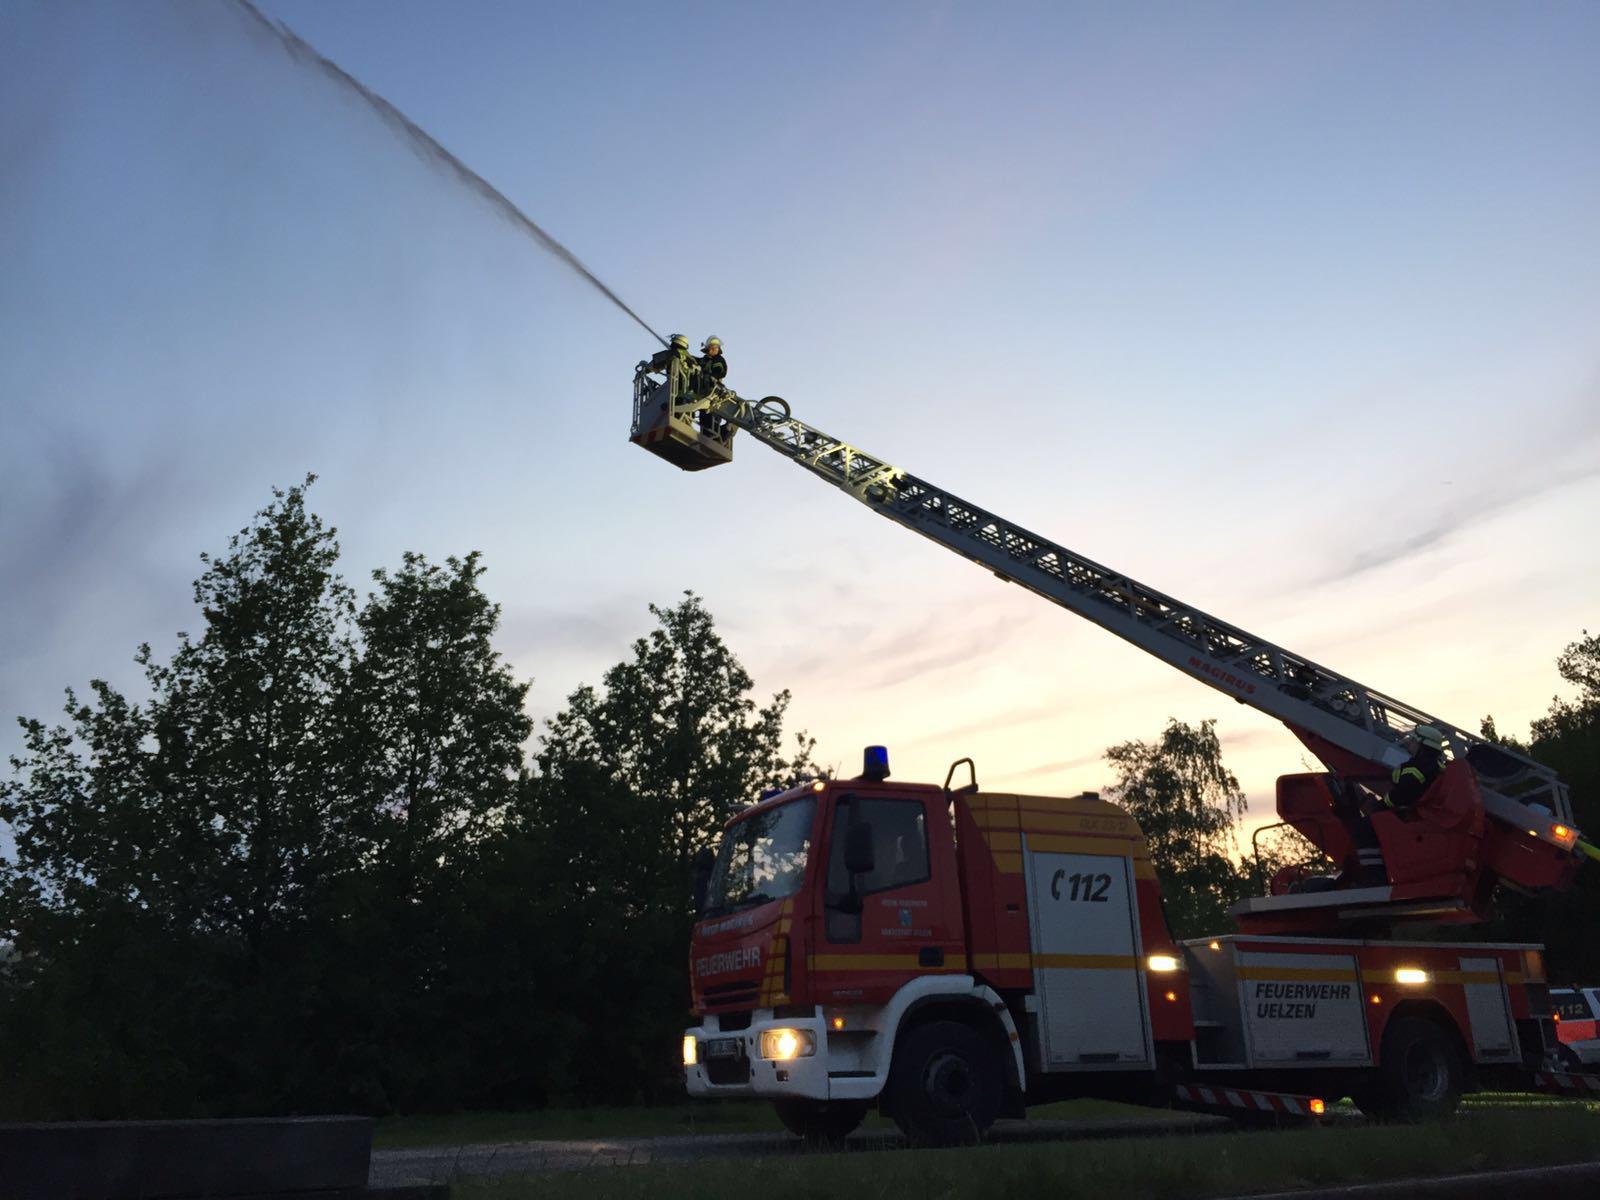 Ausbildungsdienste bei der Feuerwehr Uelzen